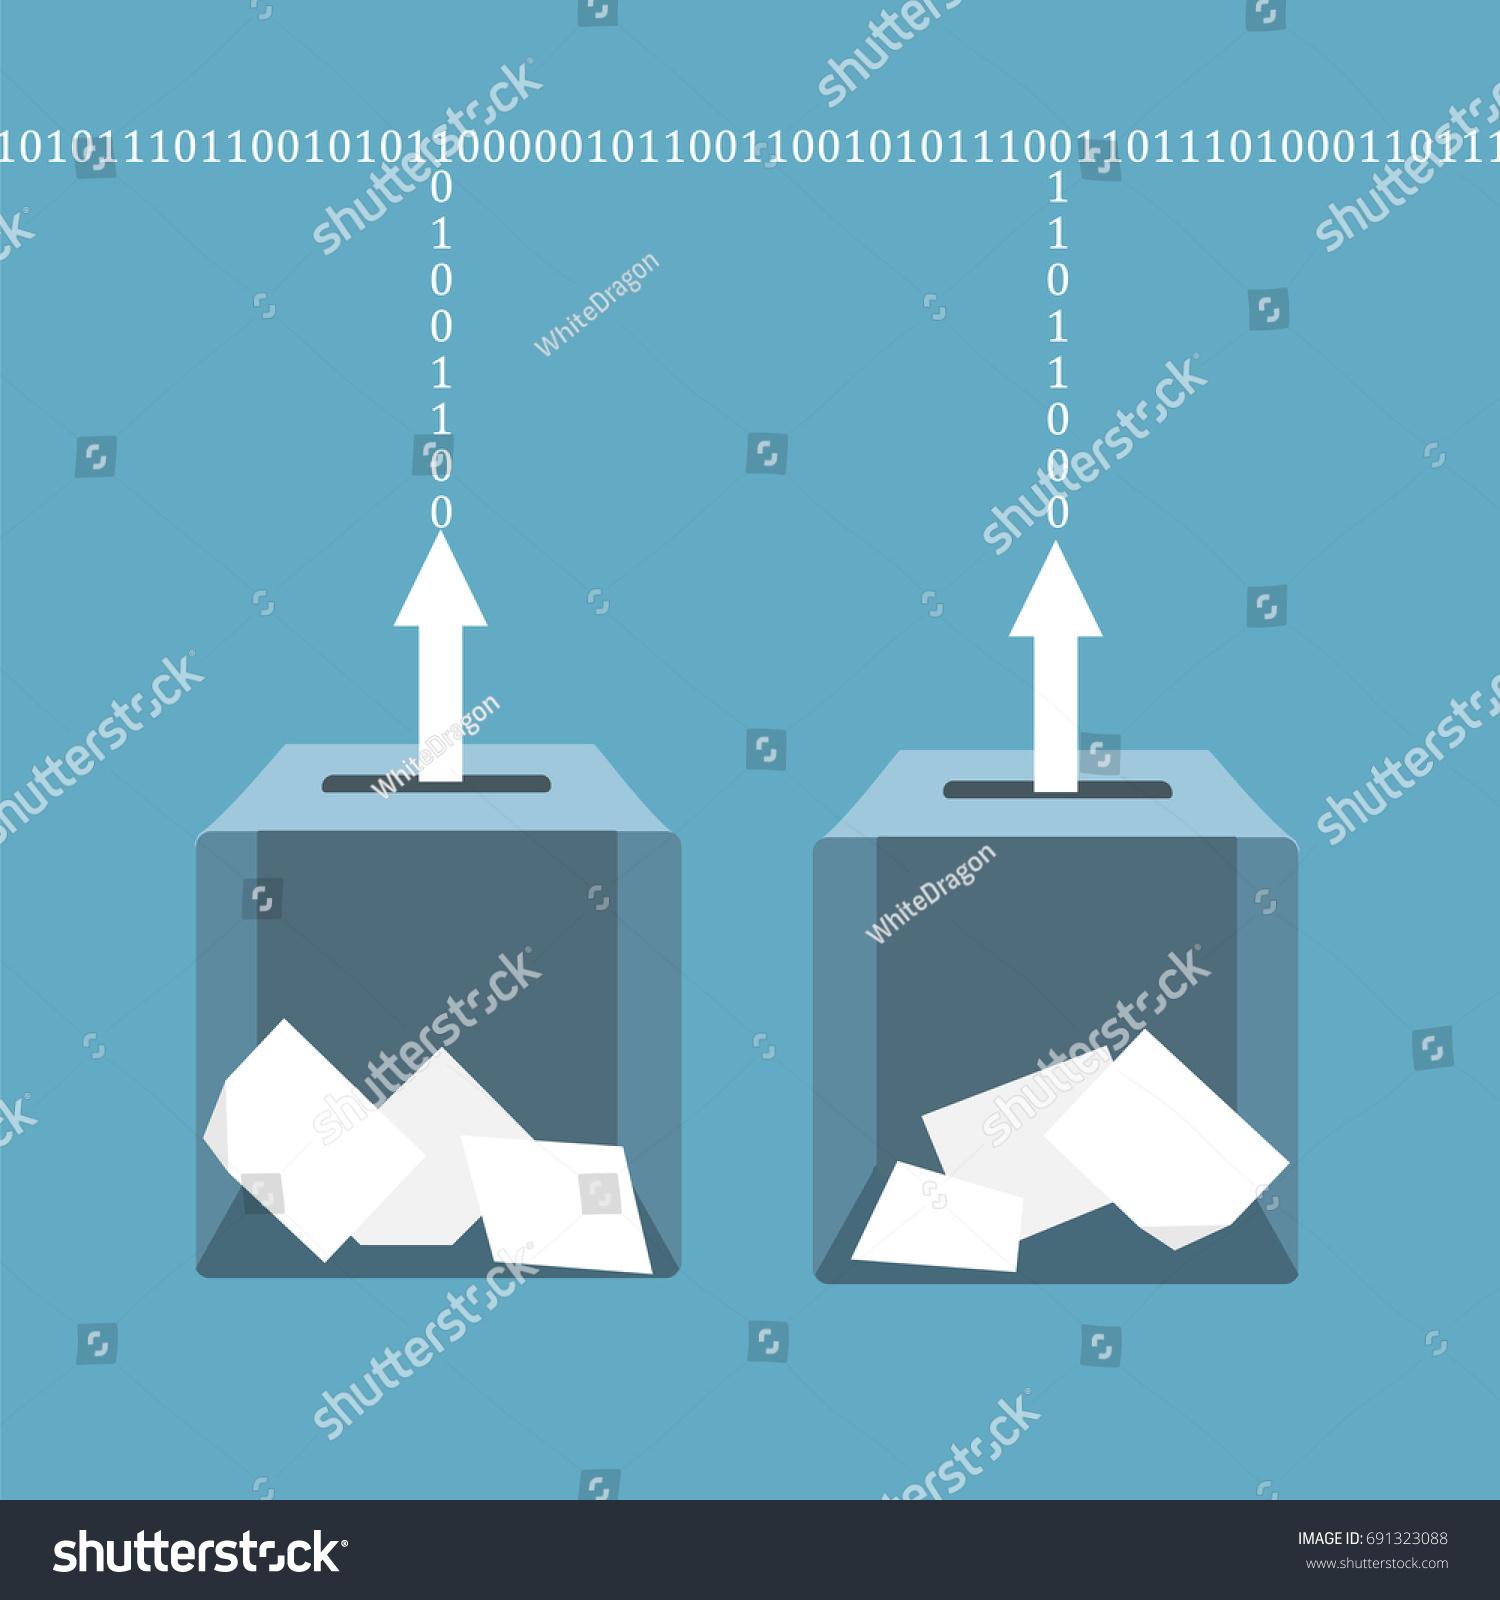 Kết quả hình ảnh cho blockchain in elections